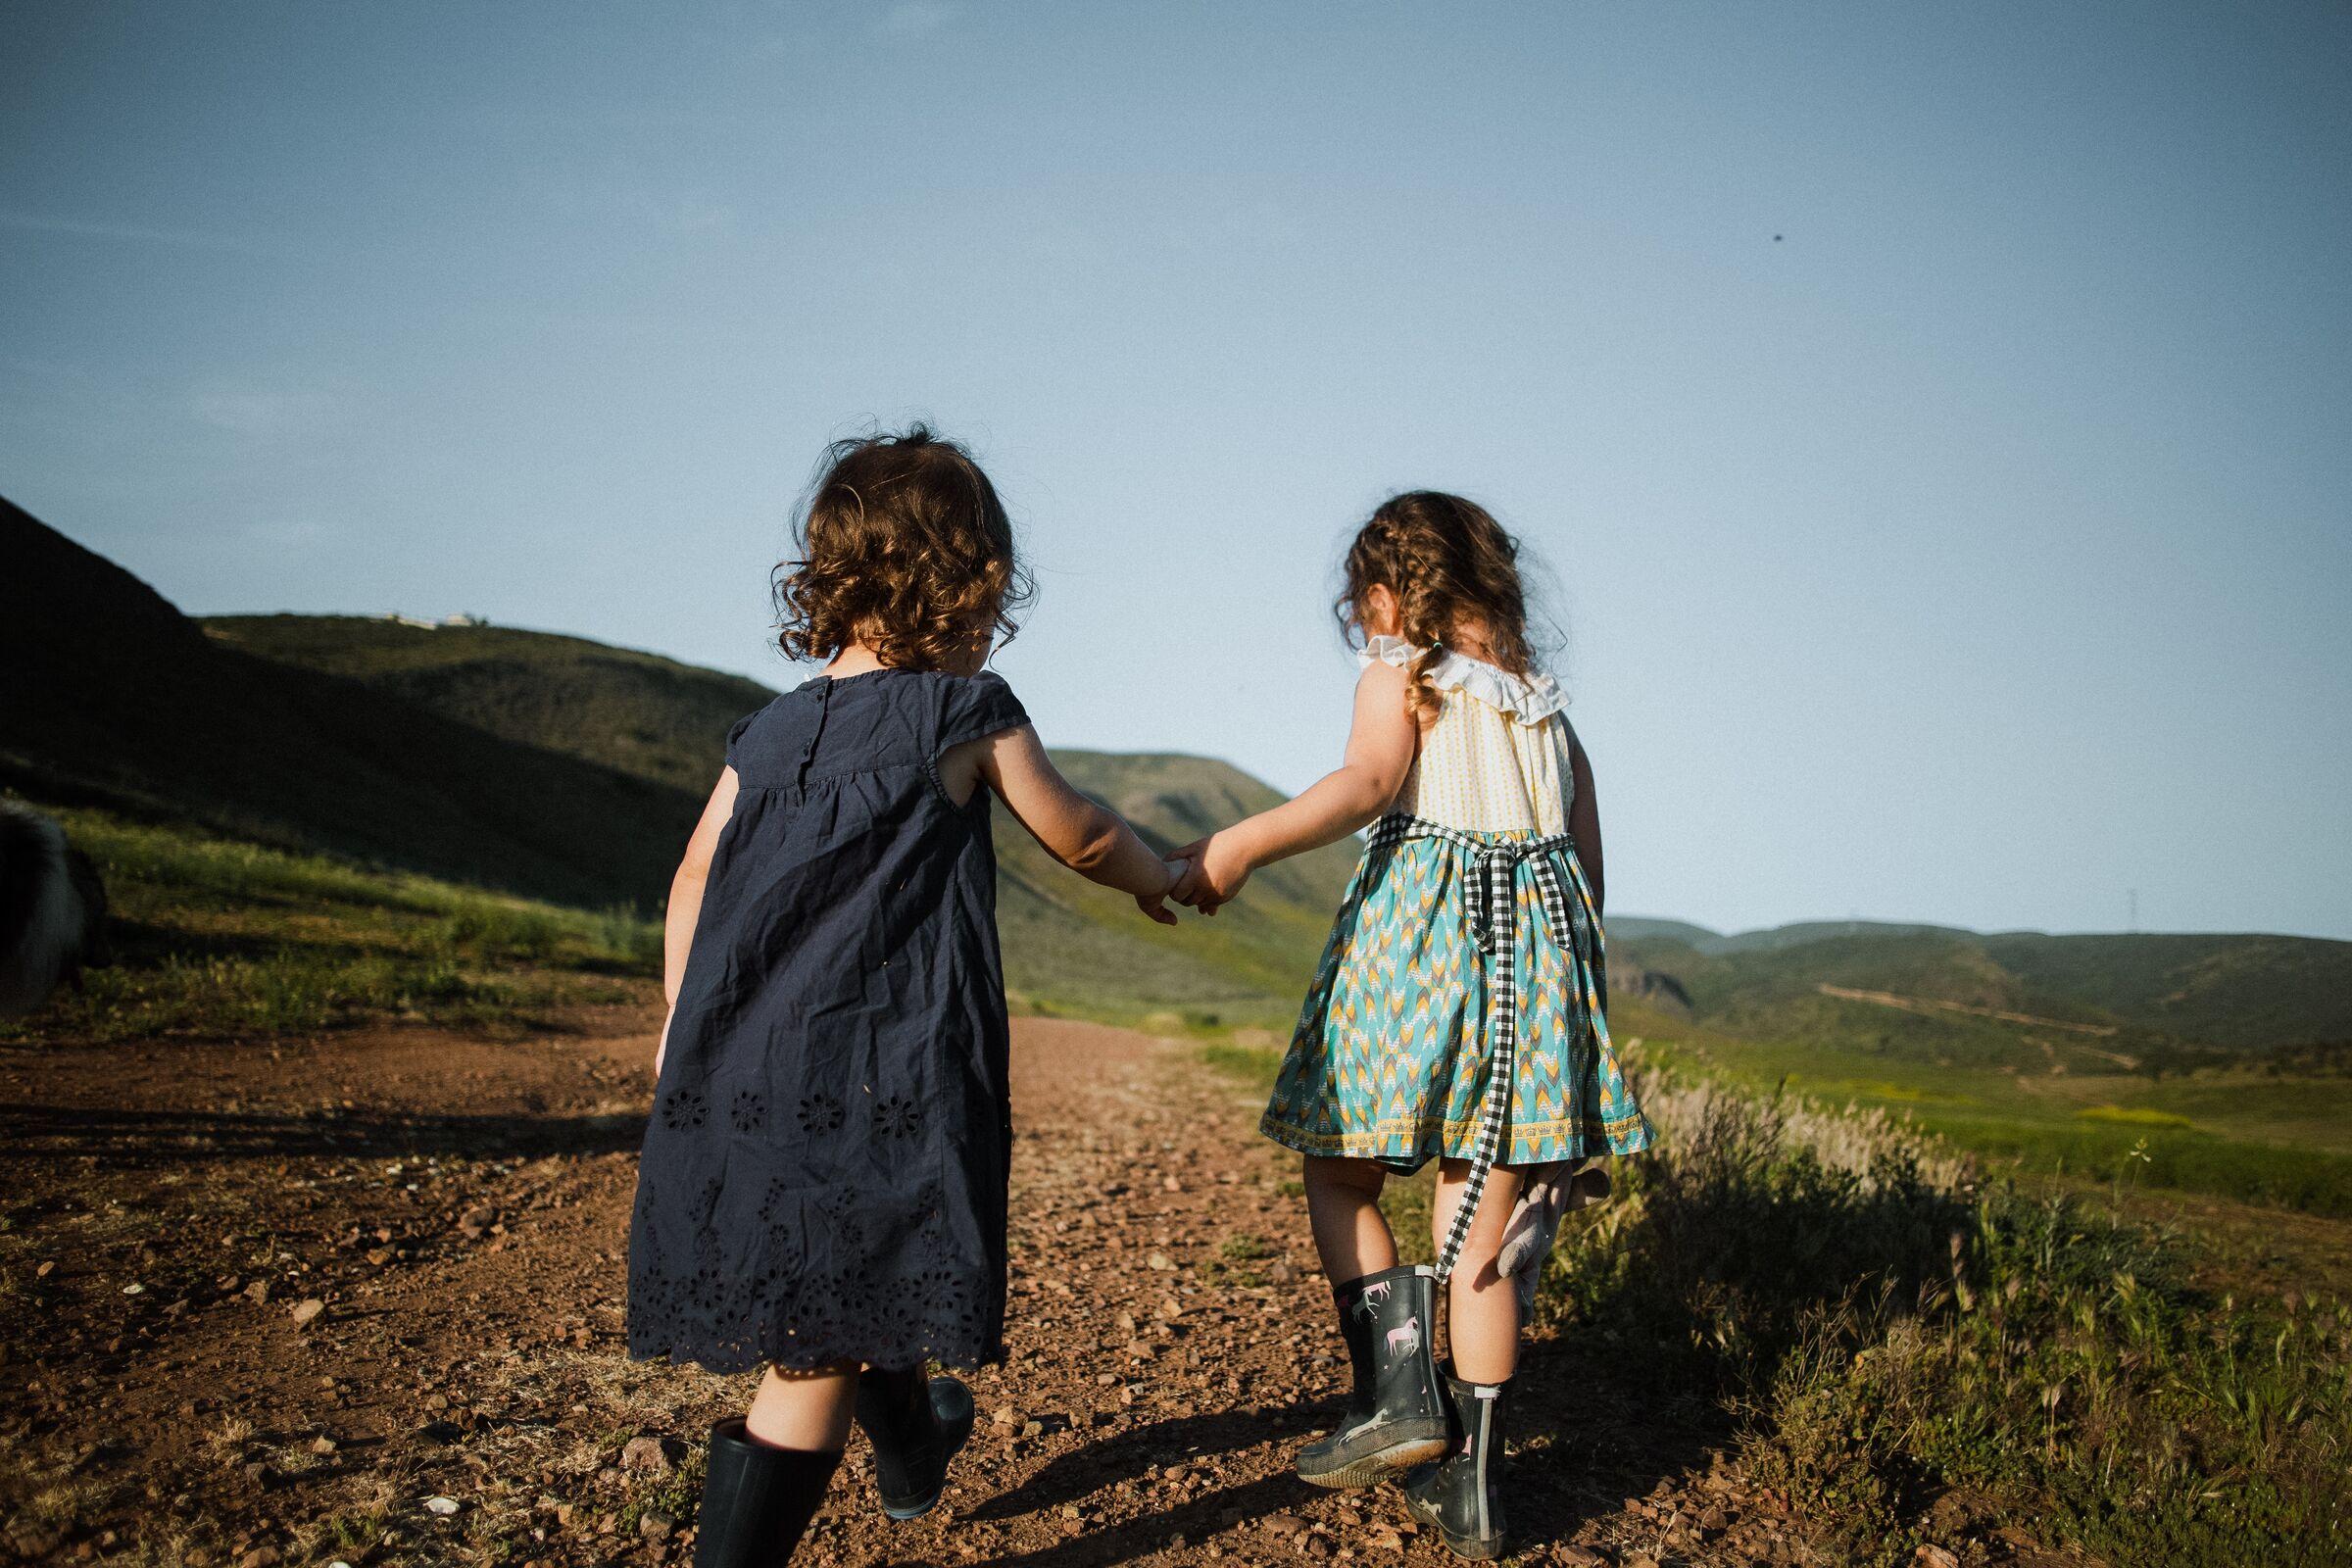 Duas crianças de mãos dadas na natureza